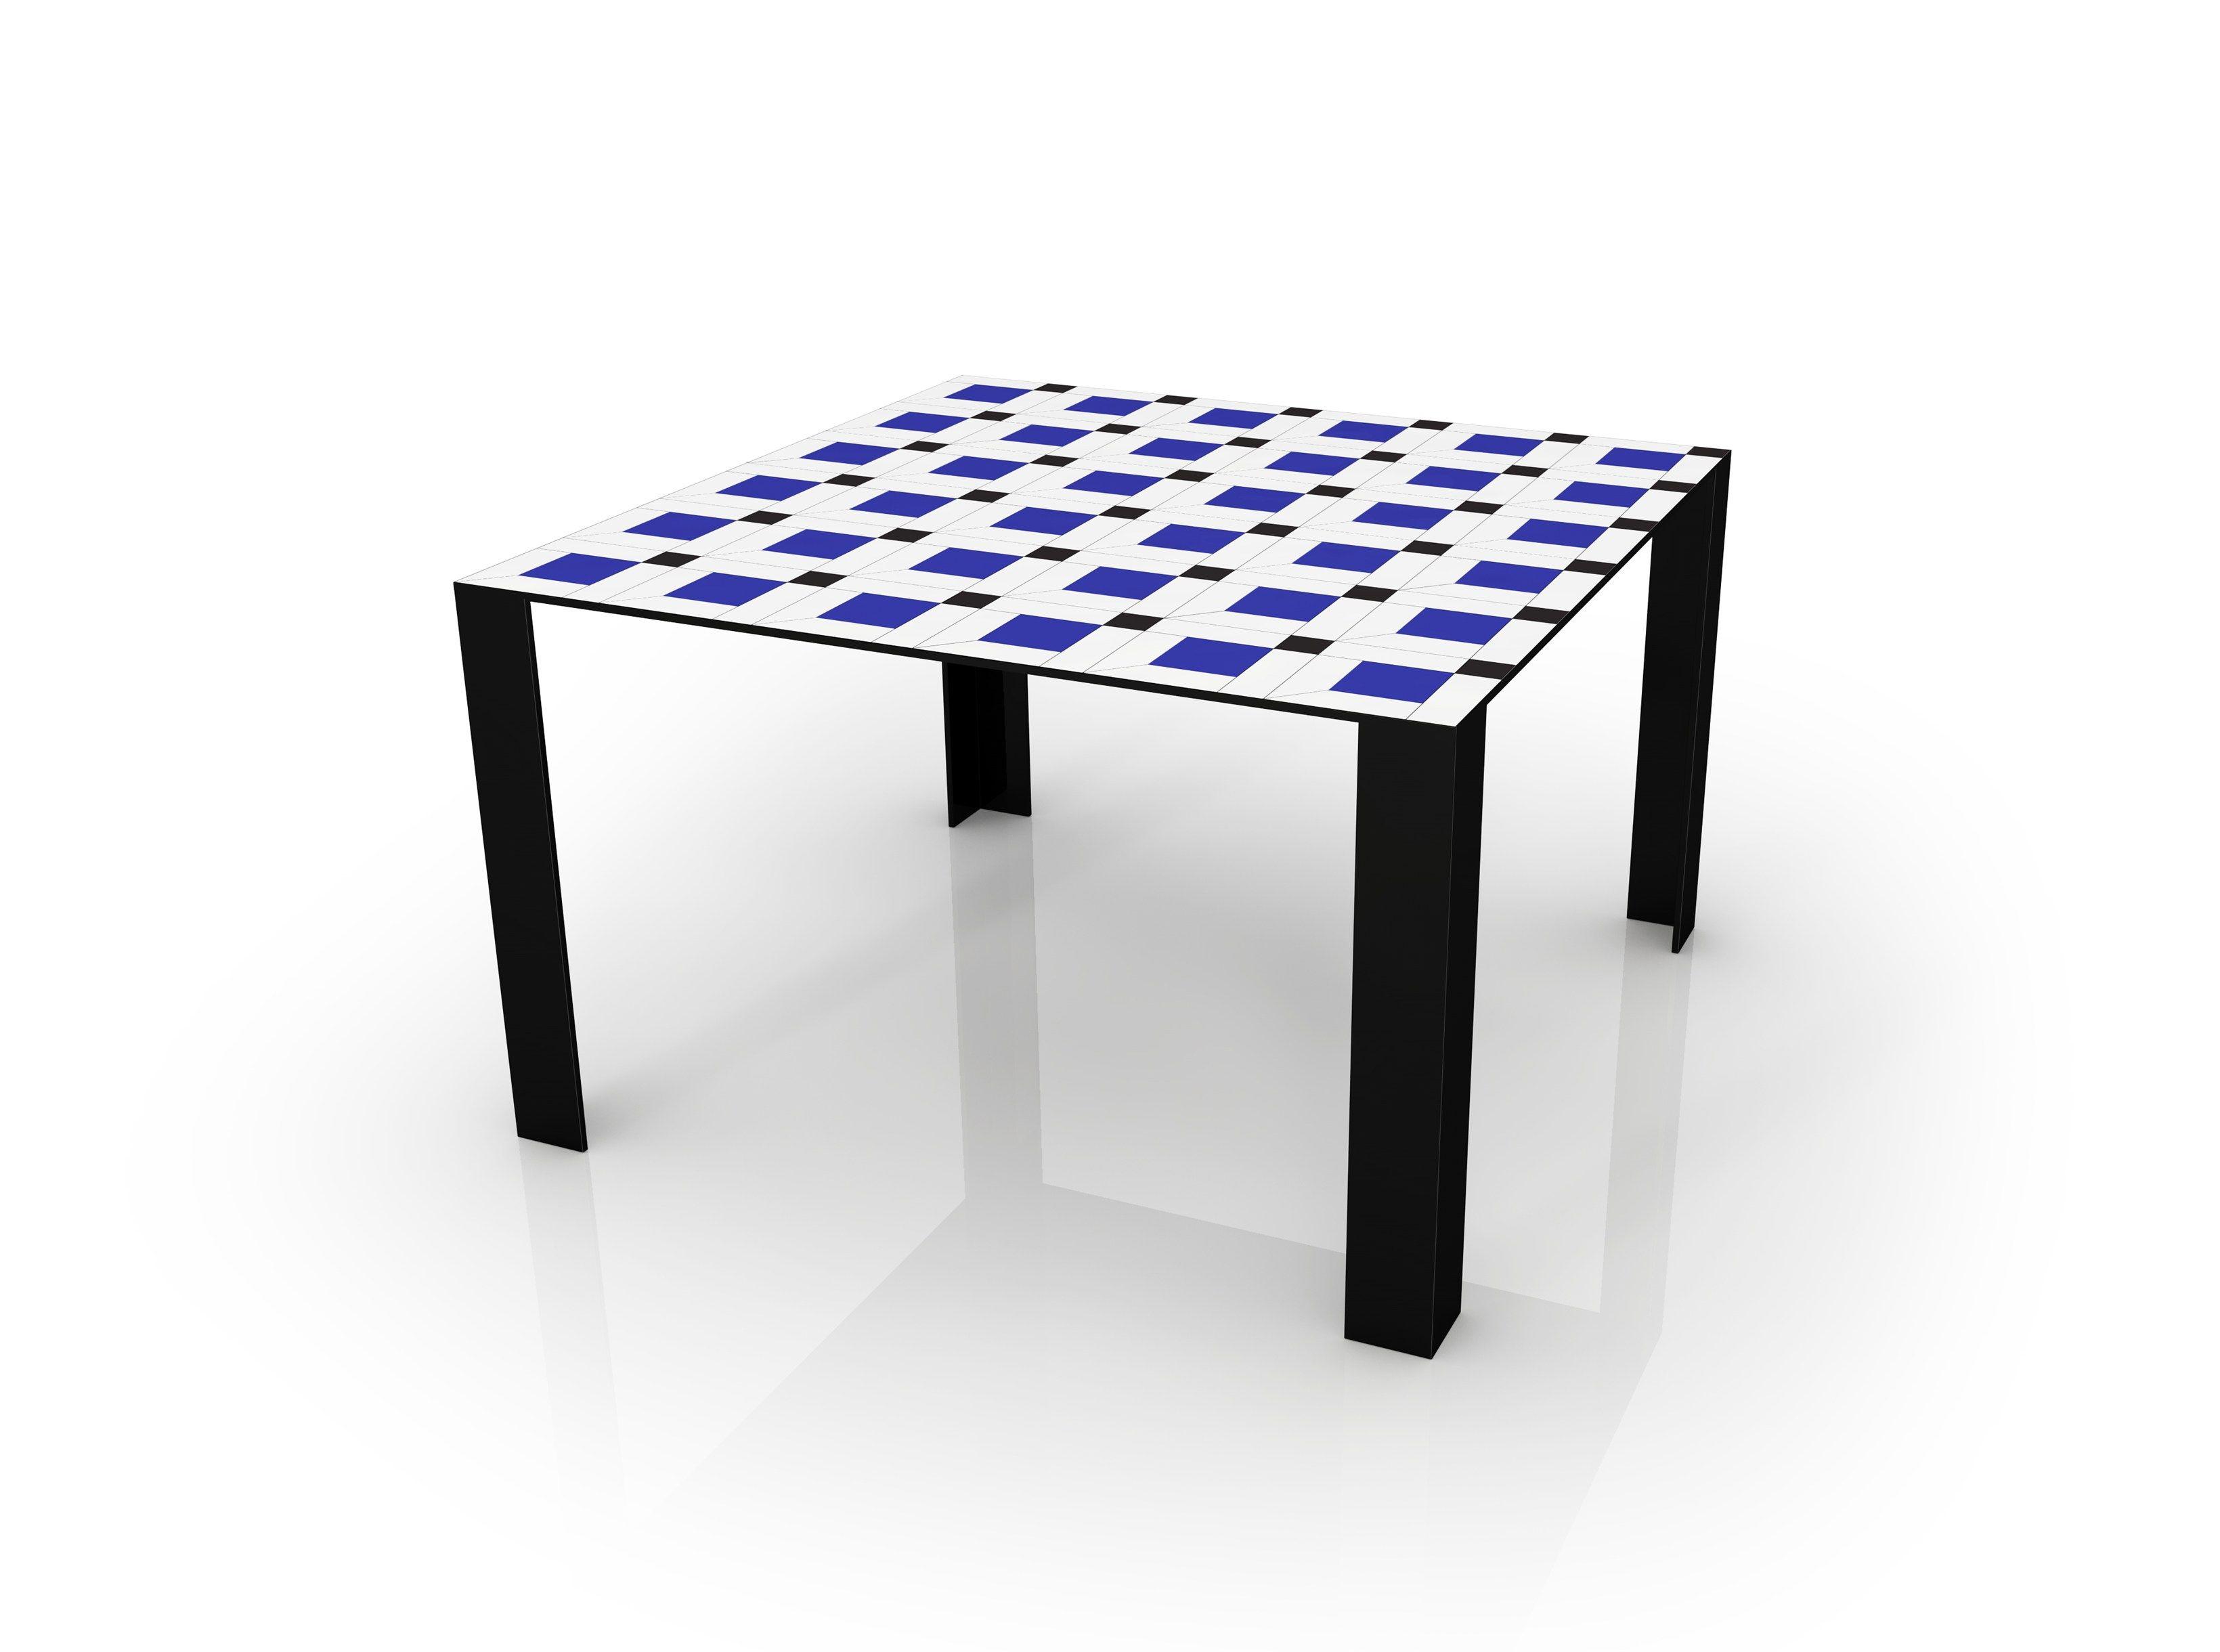 Coco tavolo by altreforme design elena cutolo - Mobili anni venti ...